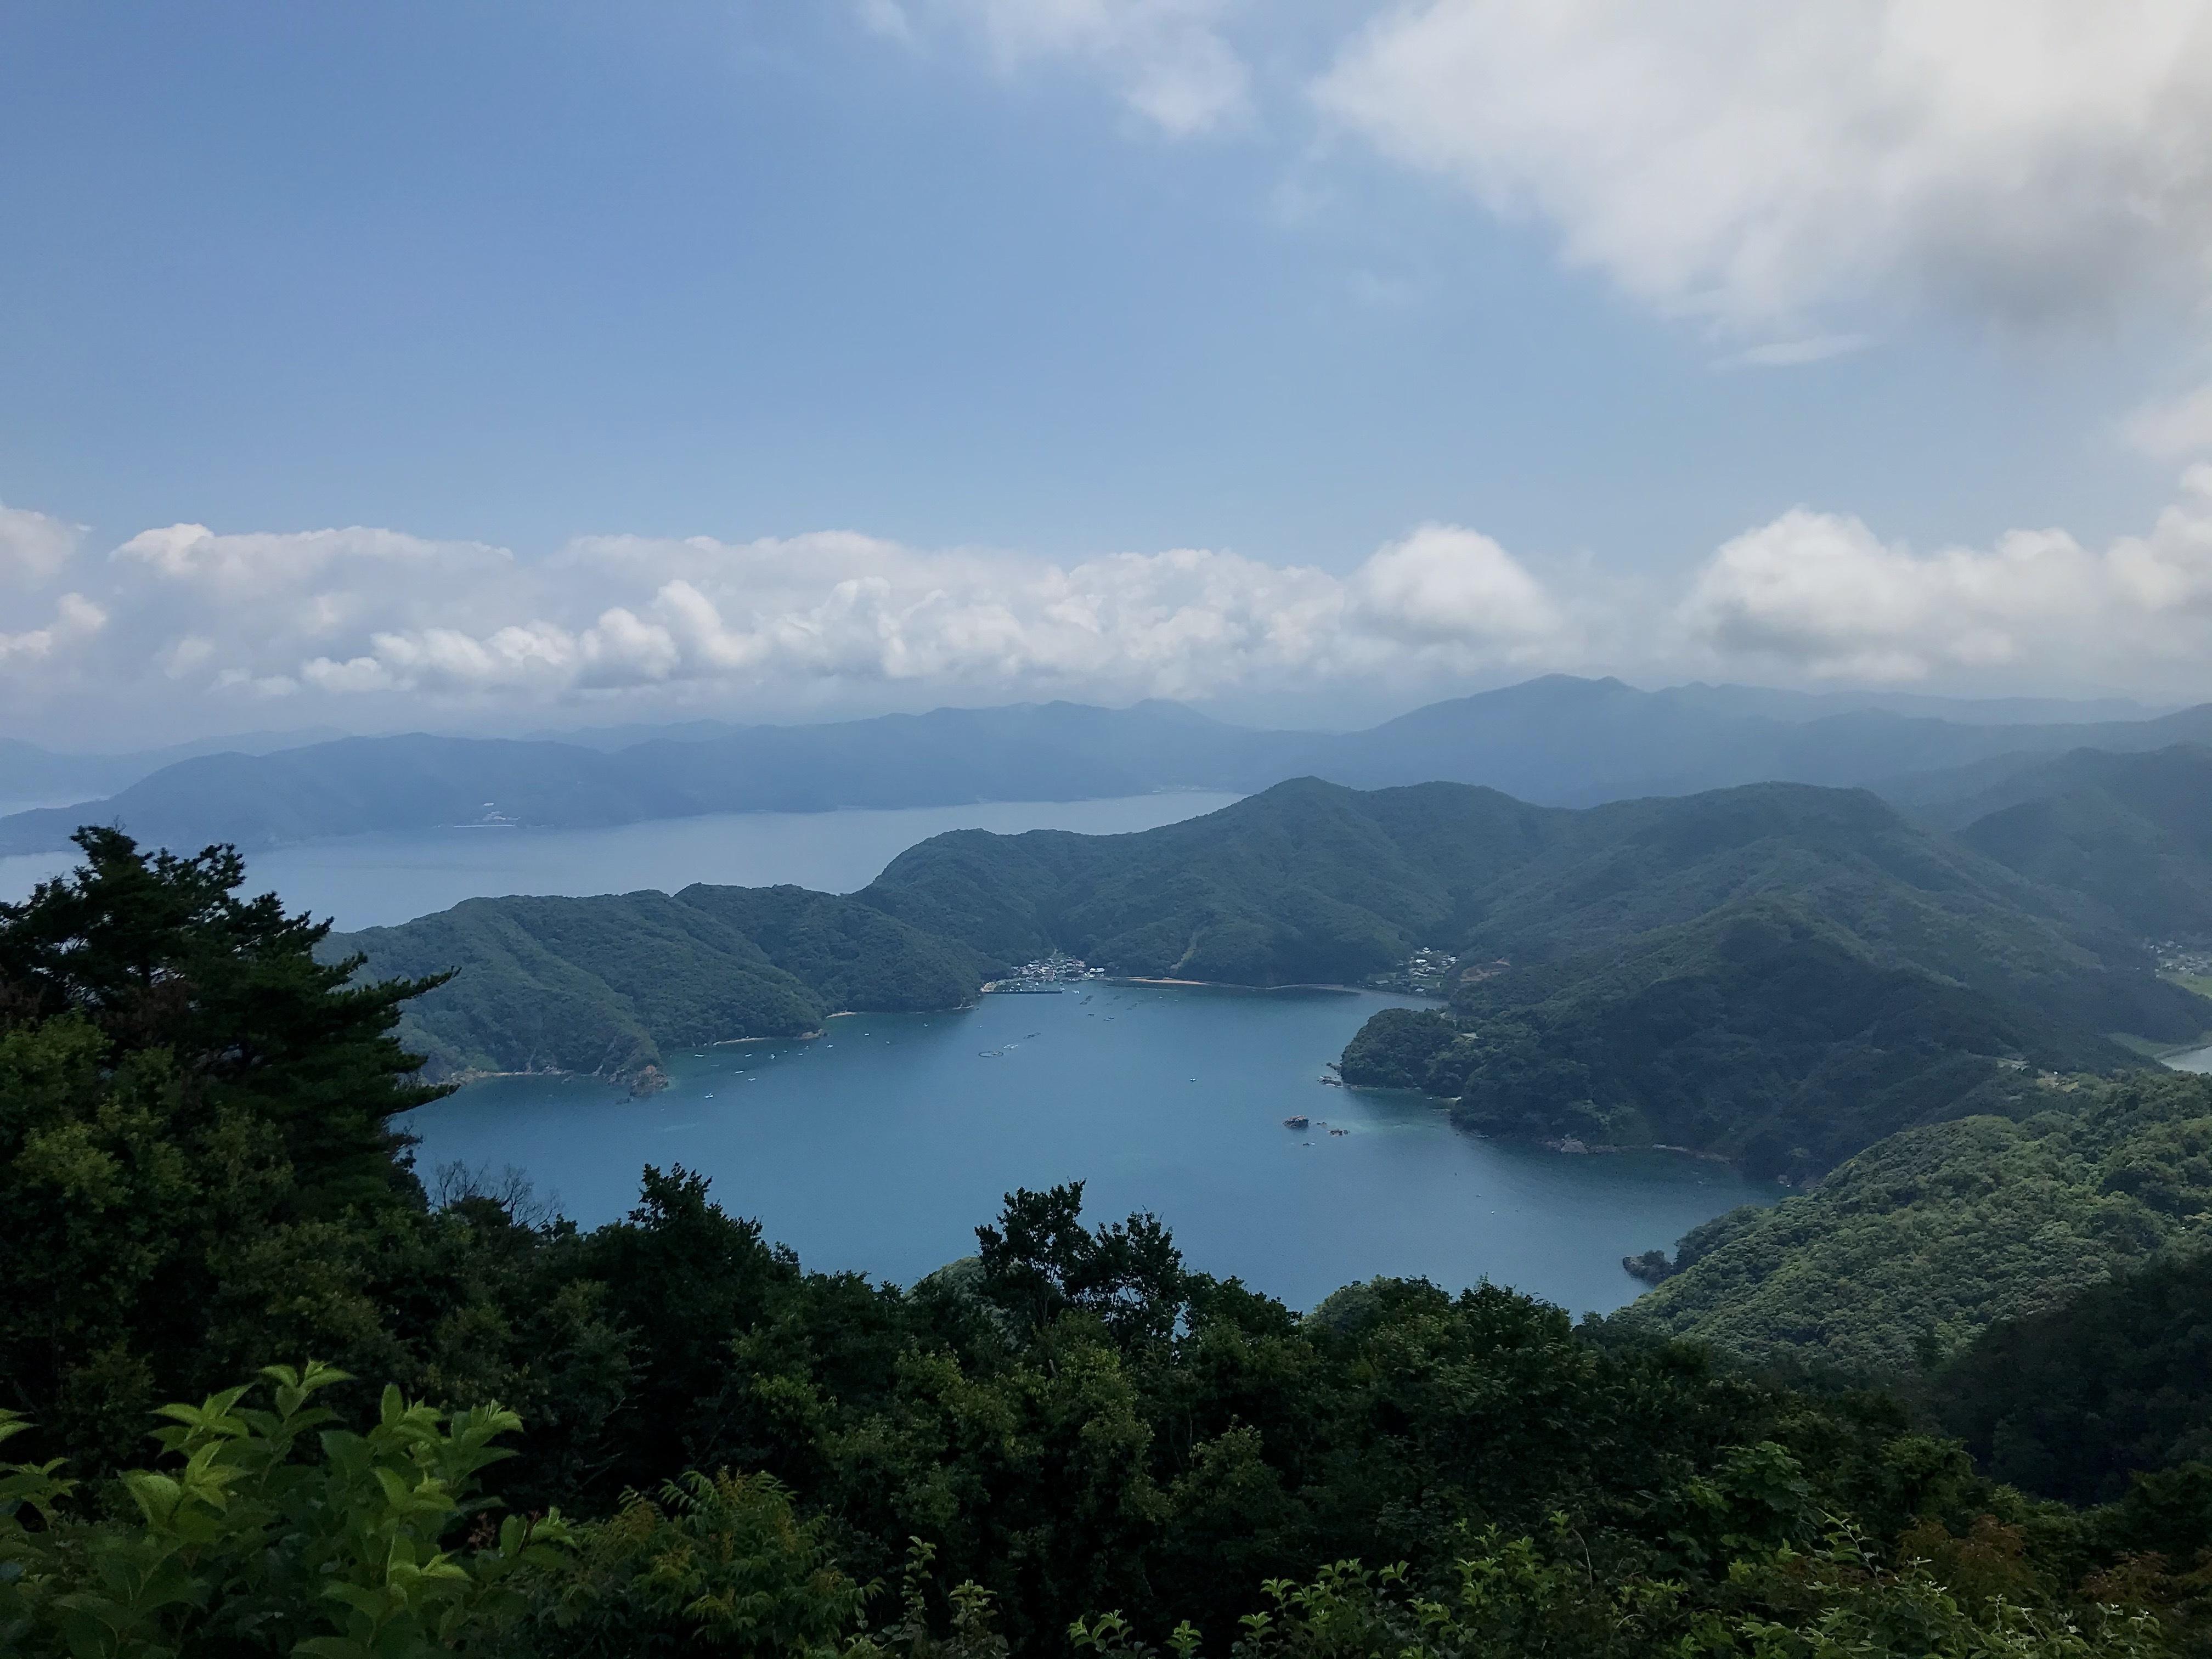 ぴーきちハーレーブログ 福井三方五湖ツーリング  エンゼルライン 絶景